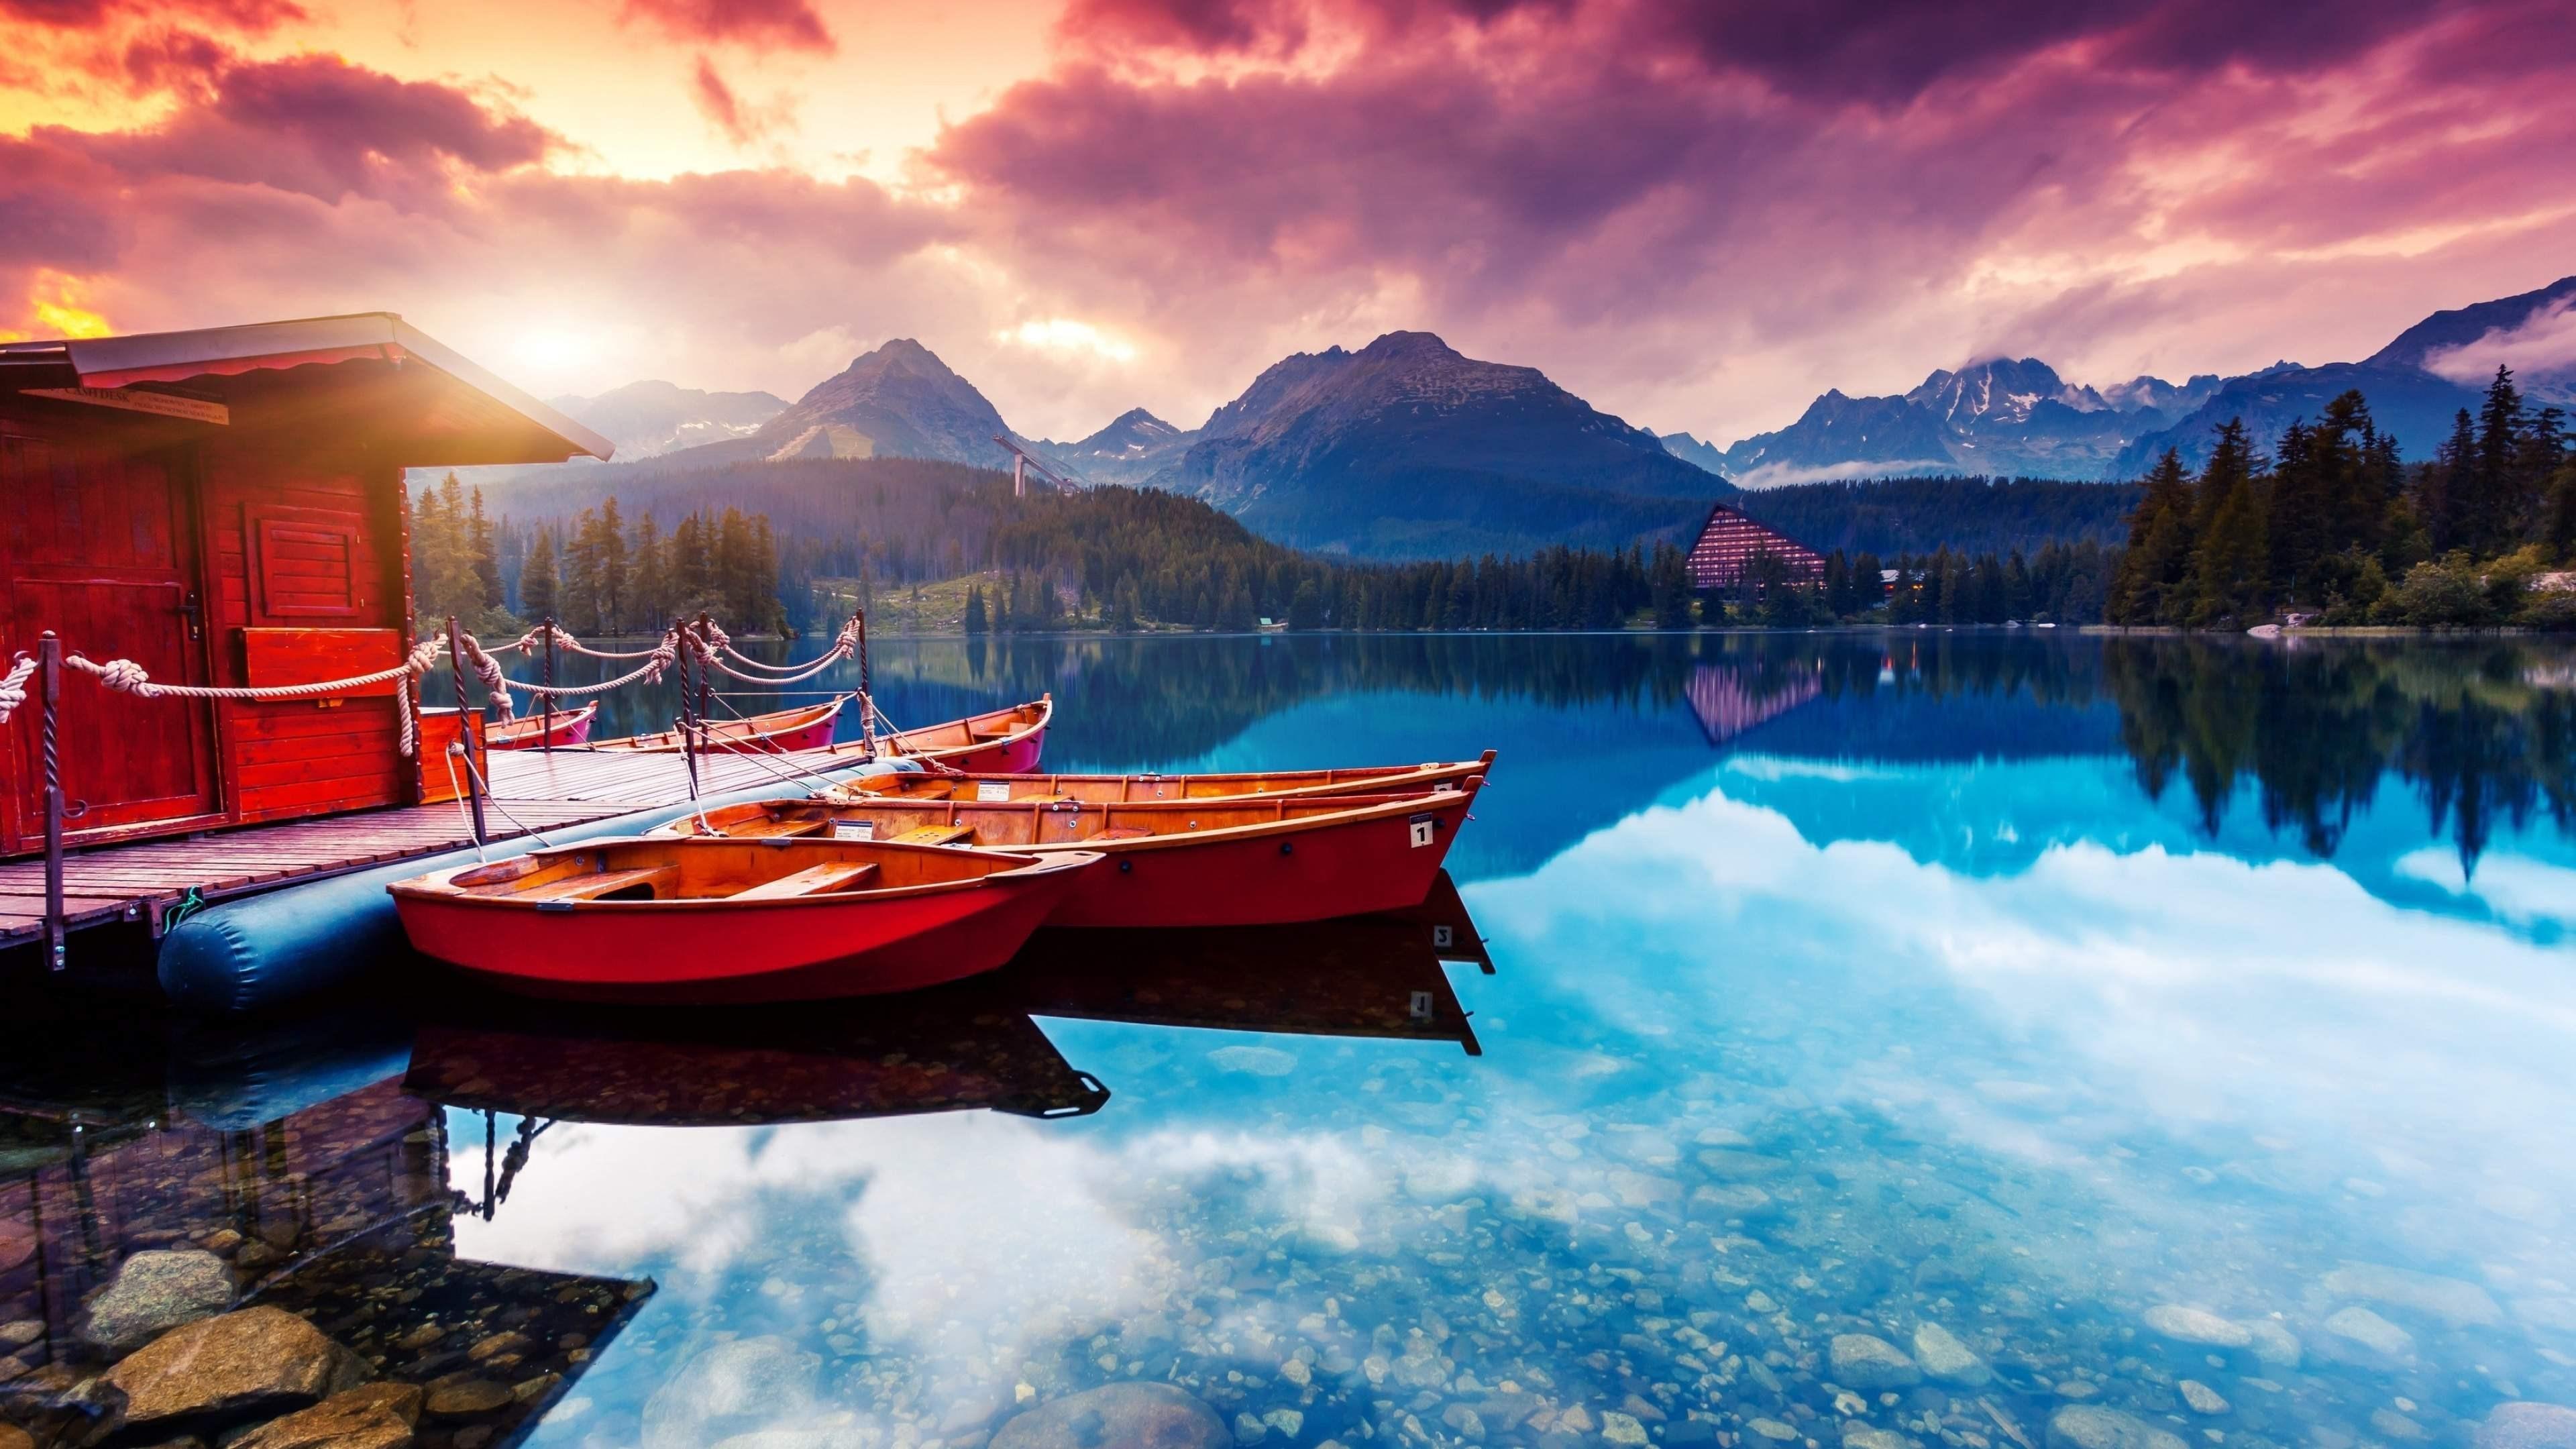 Wallpaper Beautifull Cityscape In The World Hd Wallpaper Landscape 4k